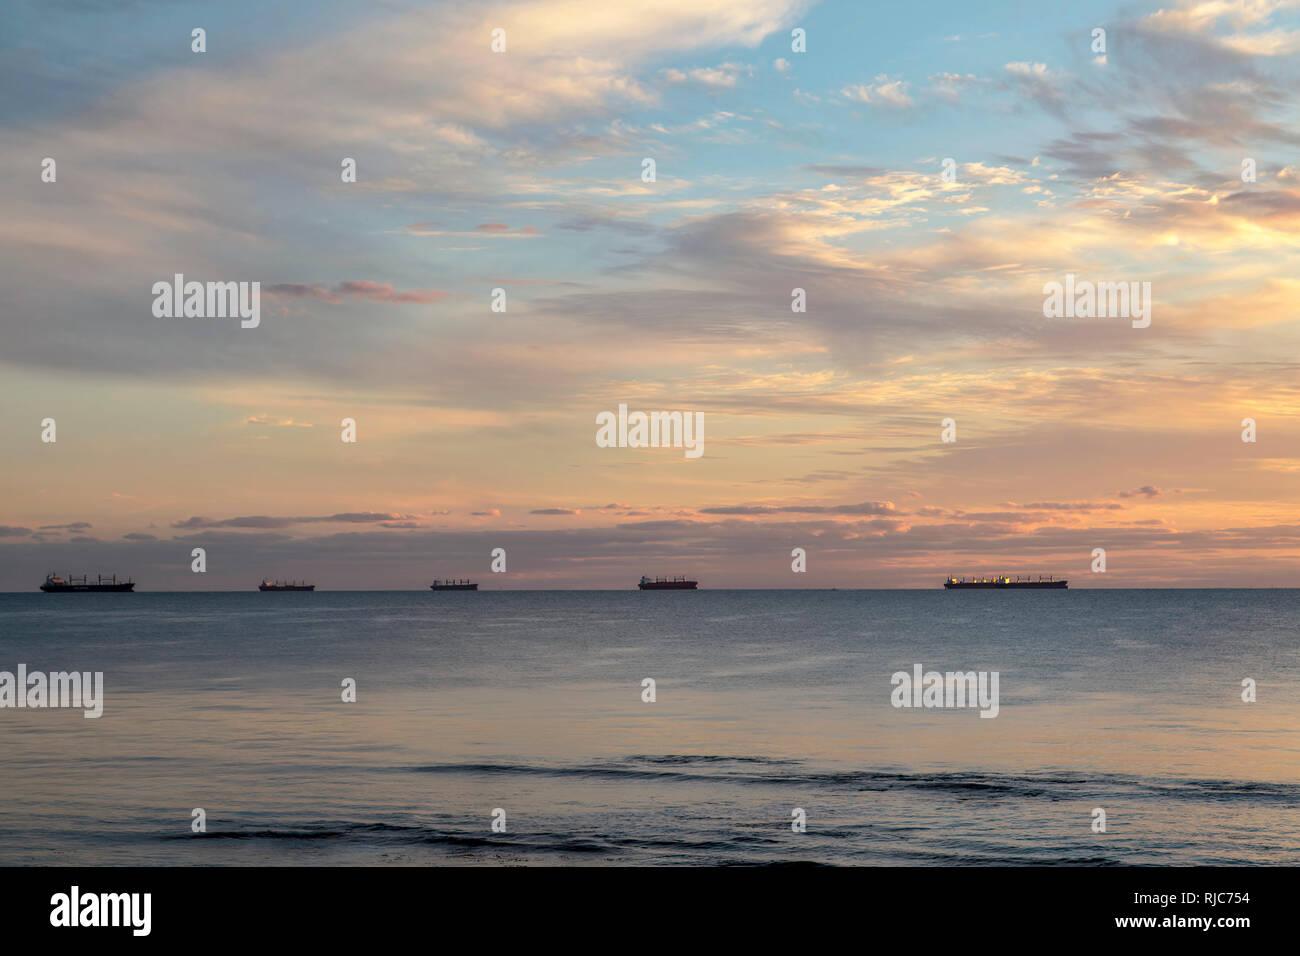 Silhouette der Frachtschiffe auf See, Western Australia, Australien Stockbild